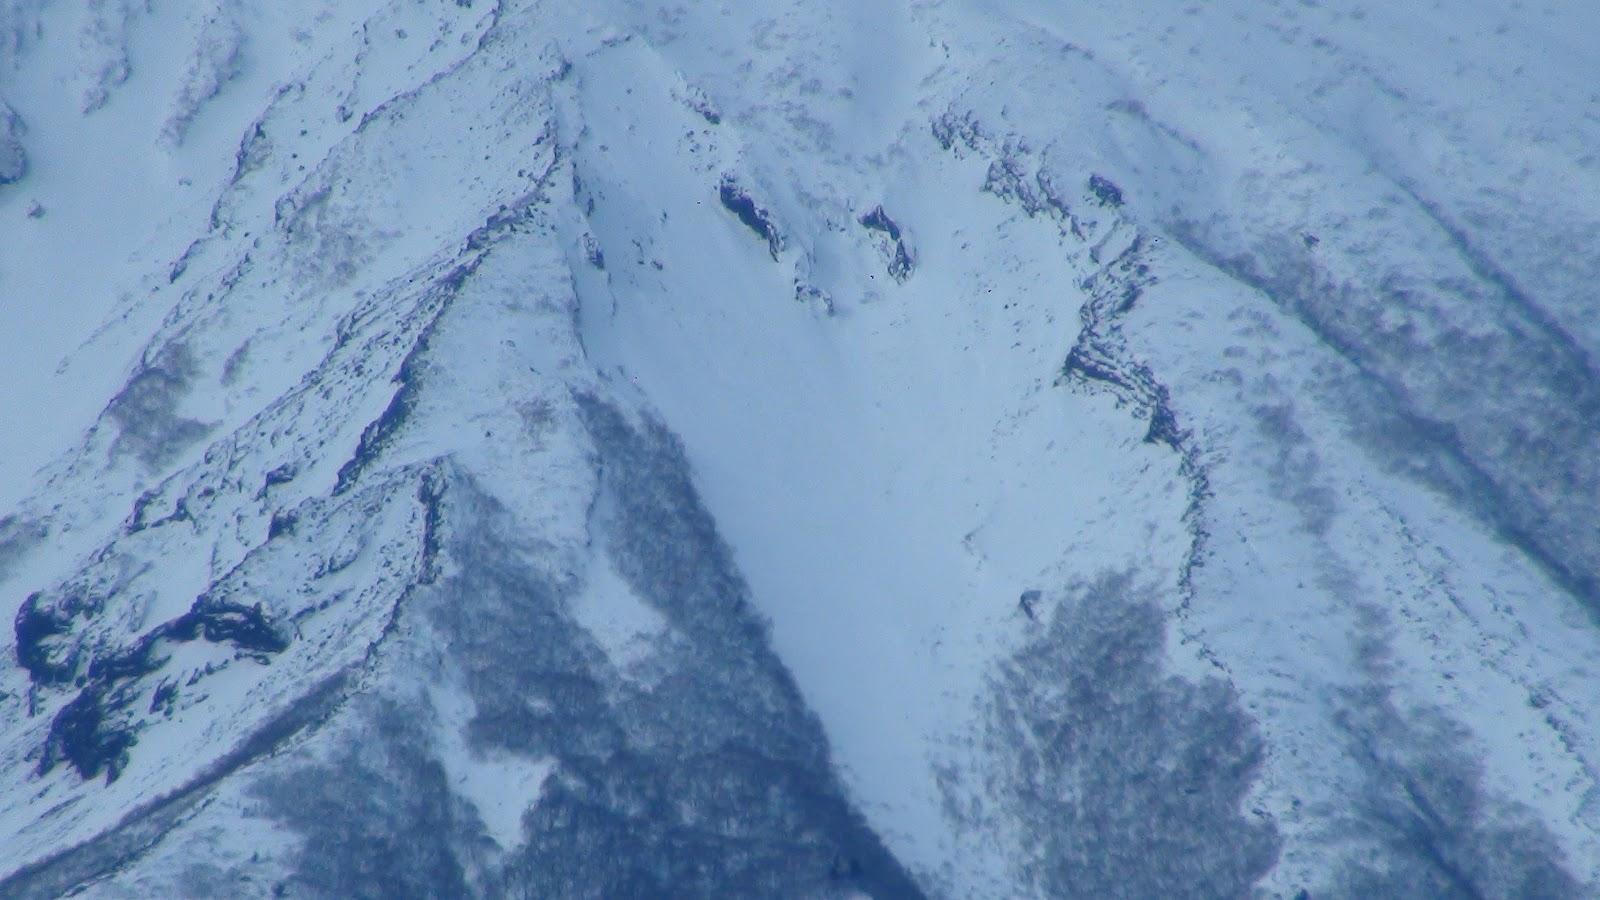 岩手山 スキー アレン ALAIN